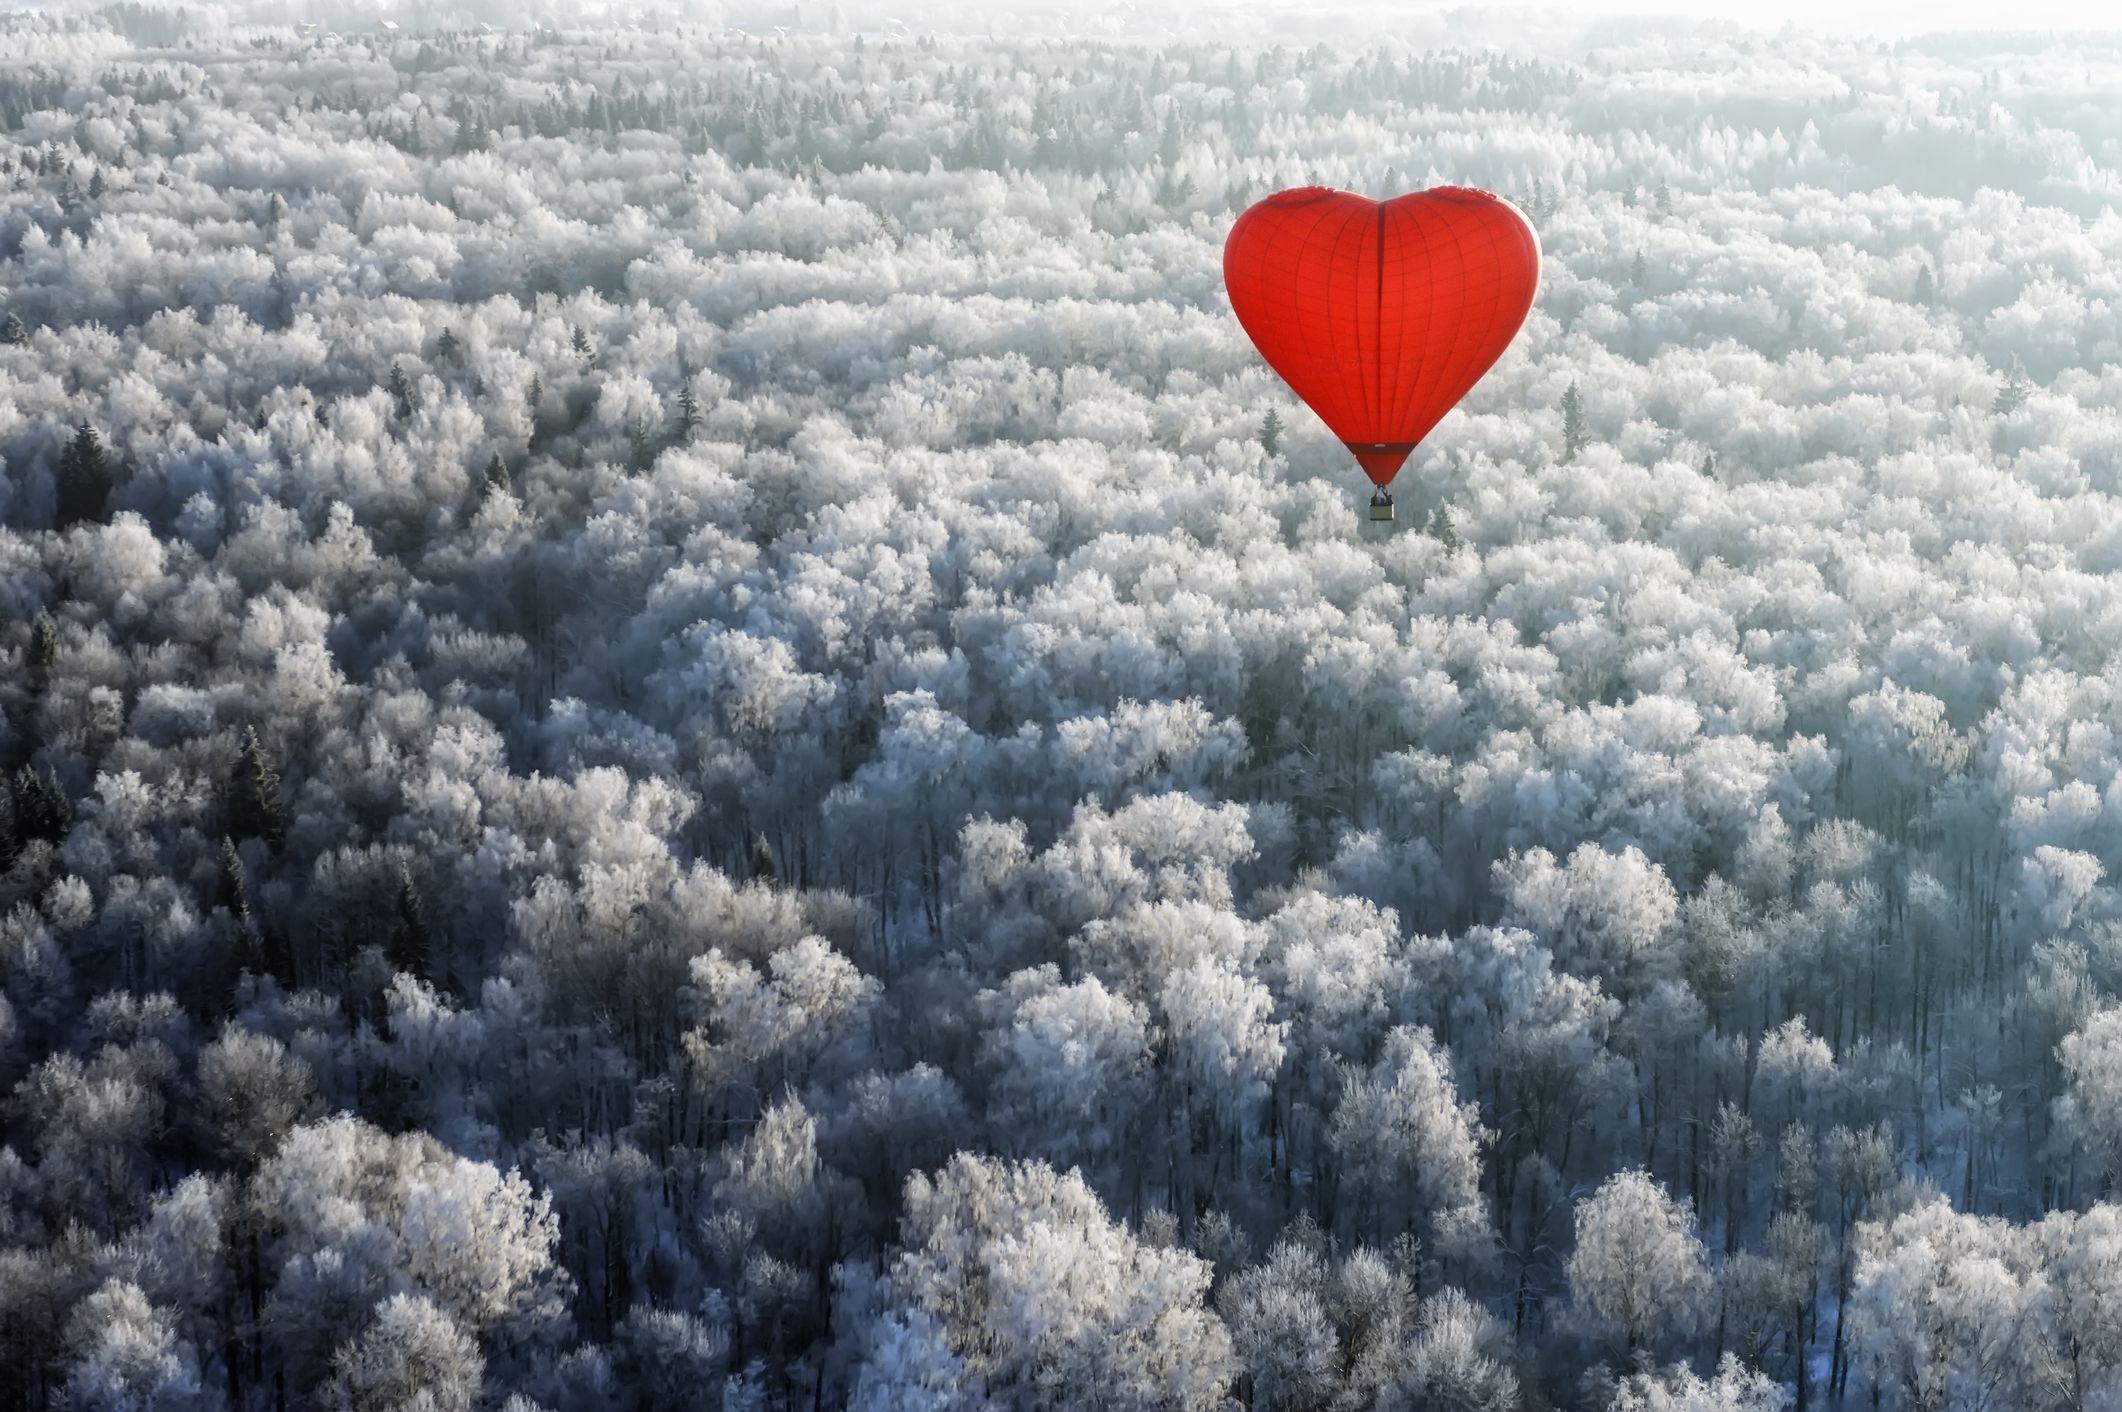 hjerteform varmluftsballonger som flyr over skogen